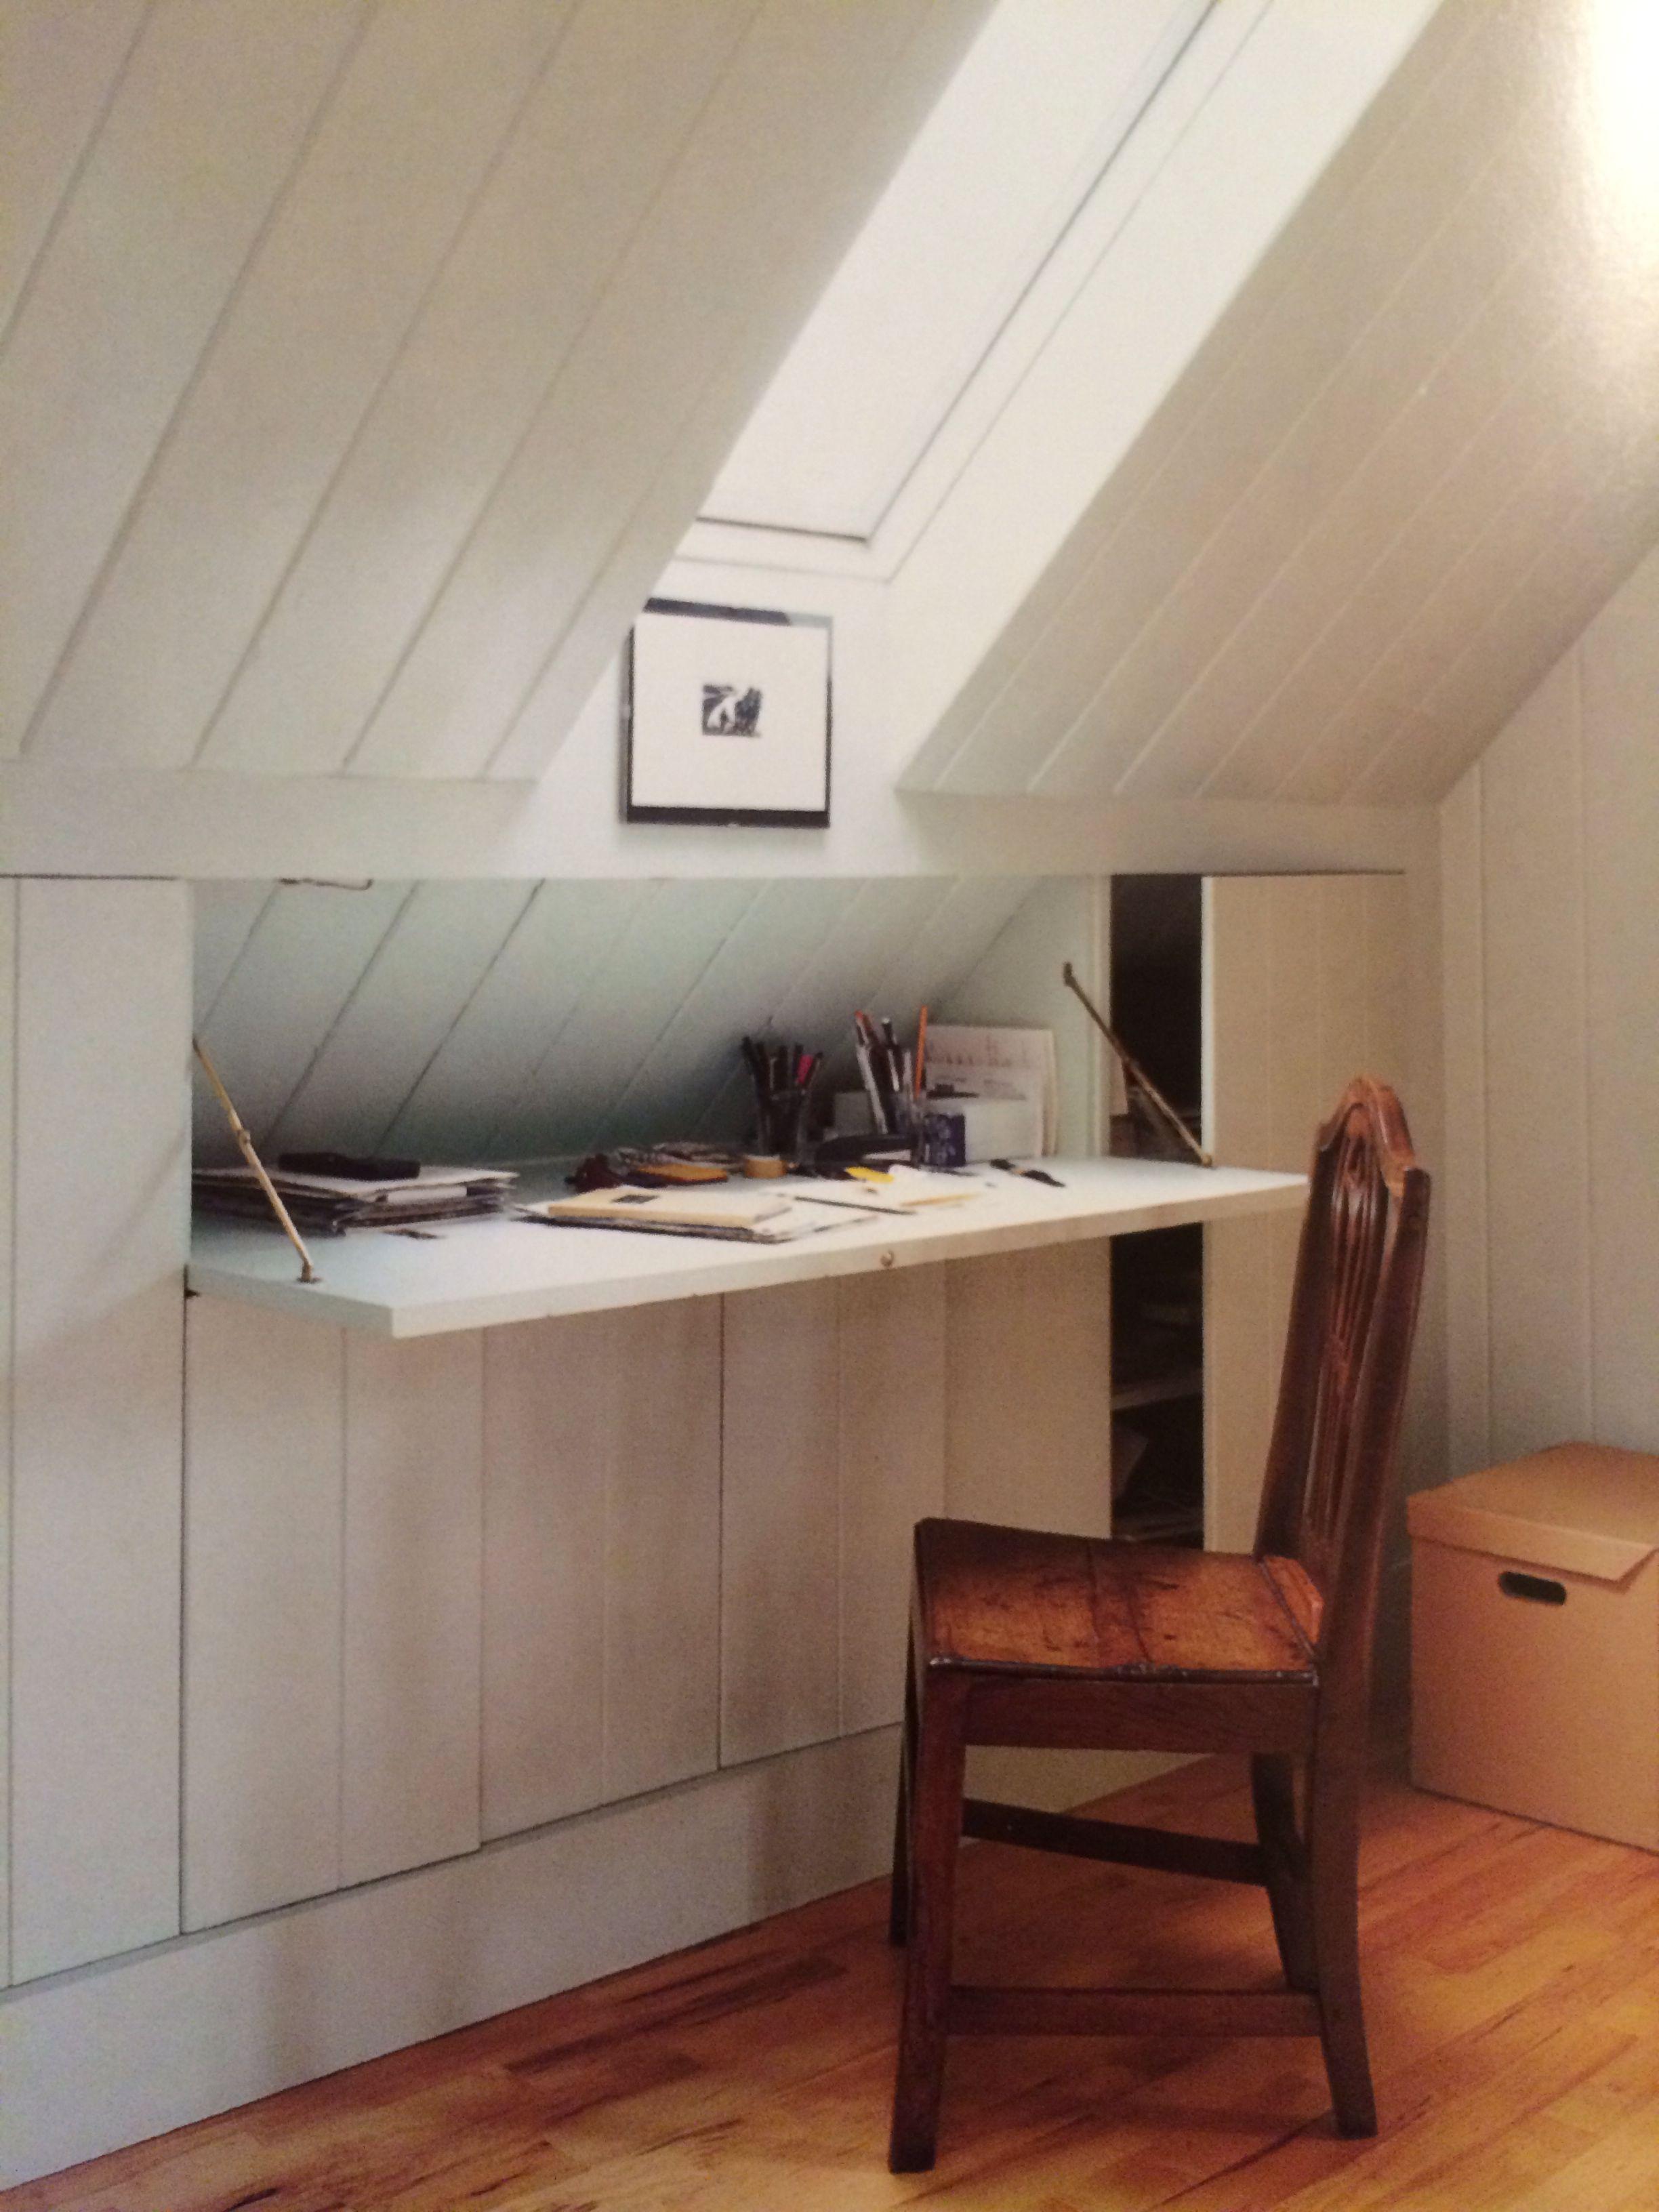 Attic Rooms Ideas